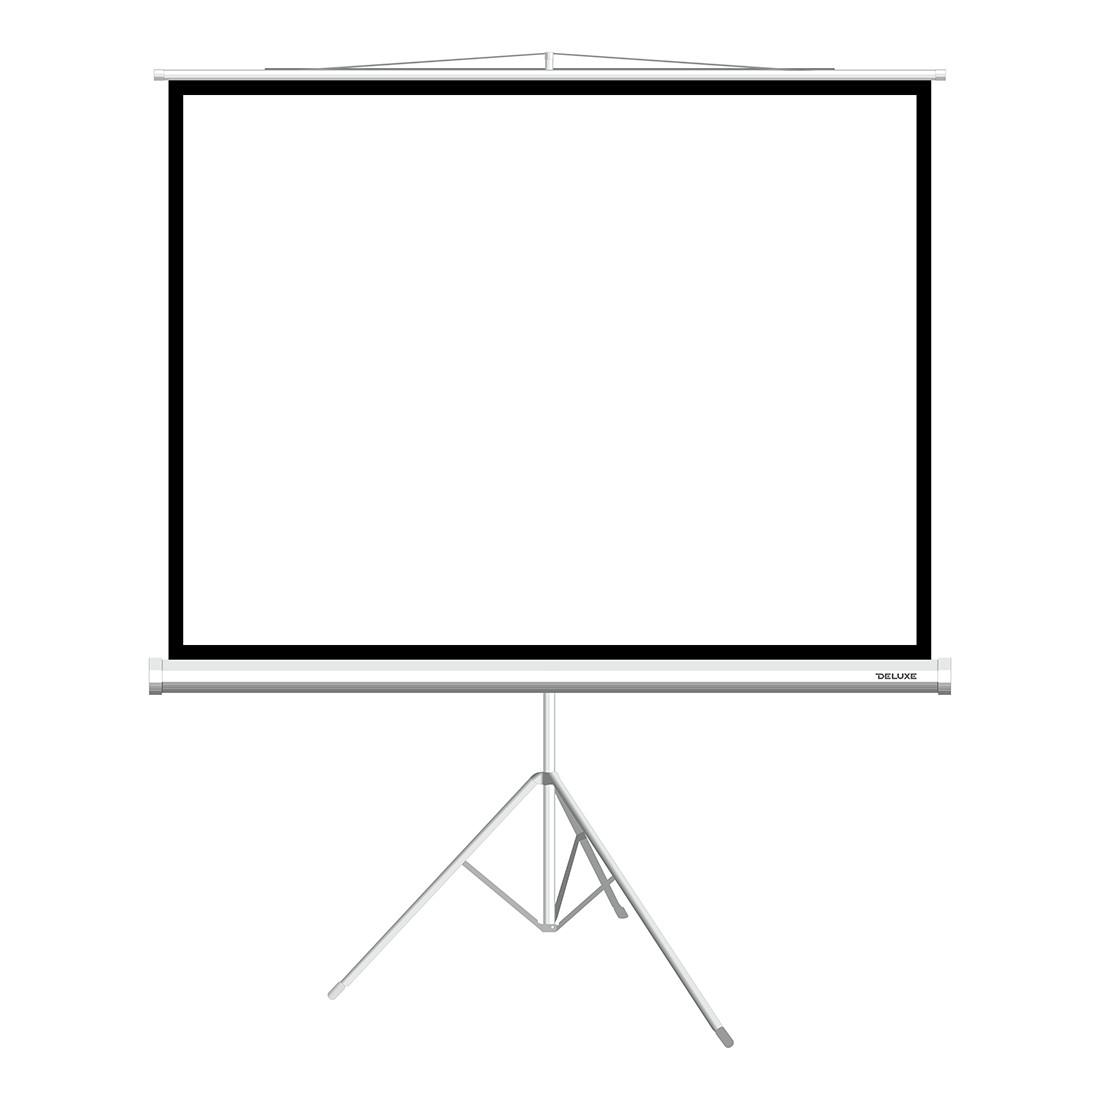 Экран на треноге Deluxe DLS-T203x154W